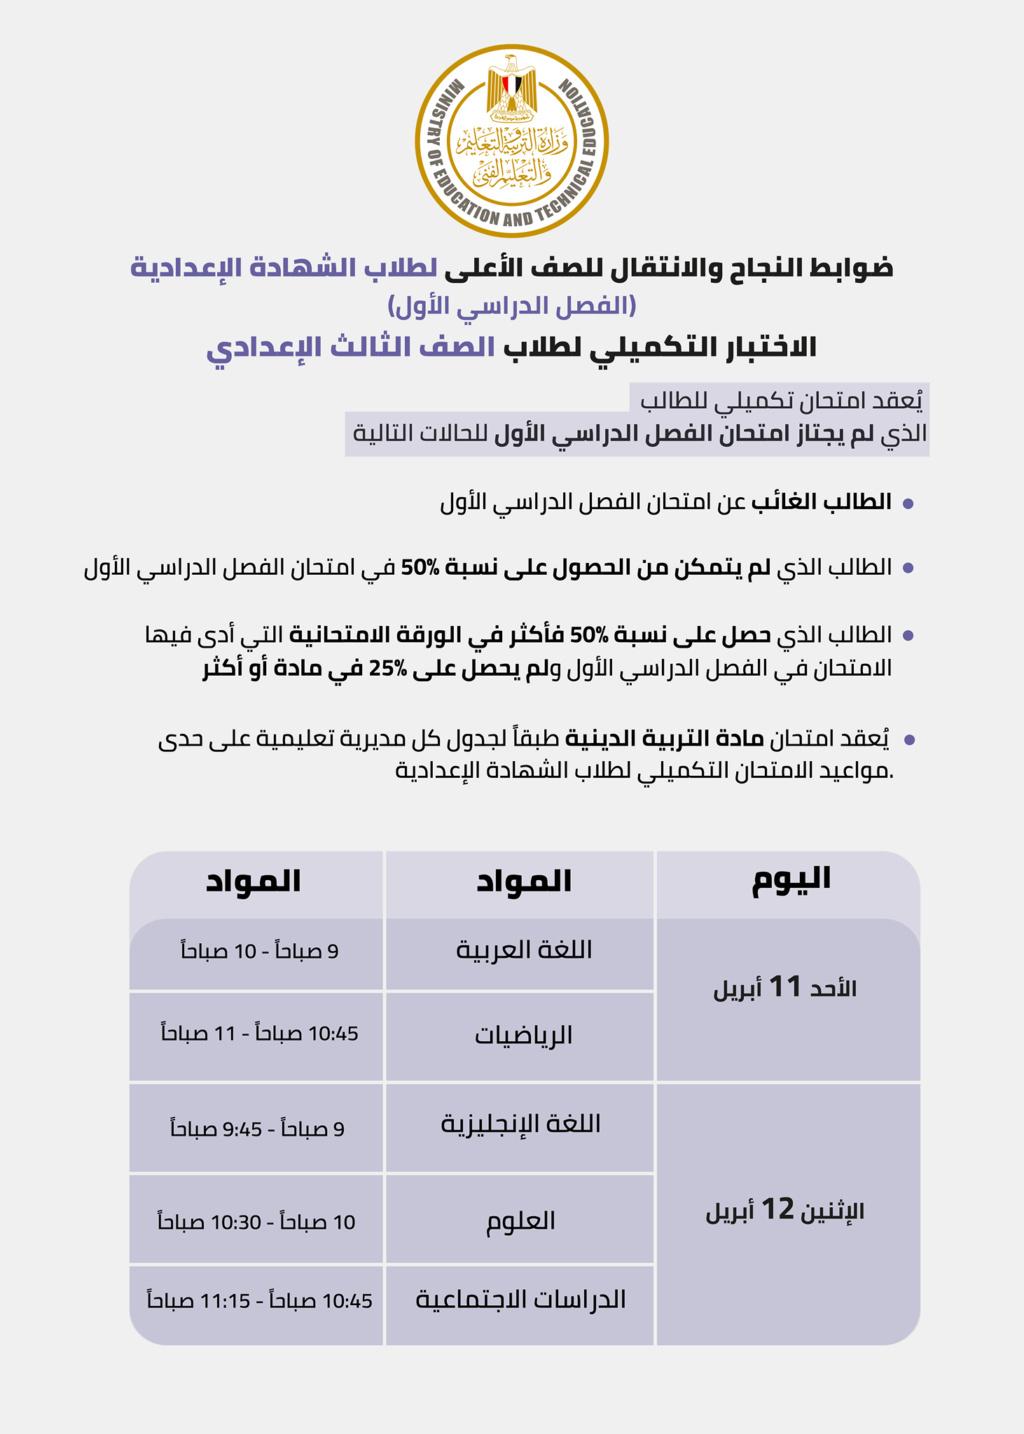 ضوابط النجاح والانتقال للصف الأعلى لطلاب الصف الثالث الإعدادي: 15828810